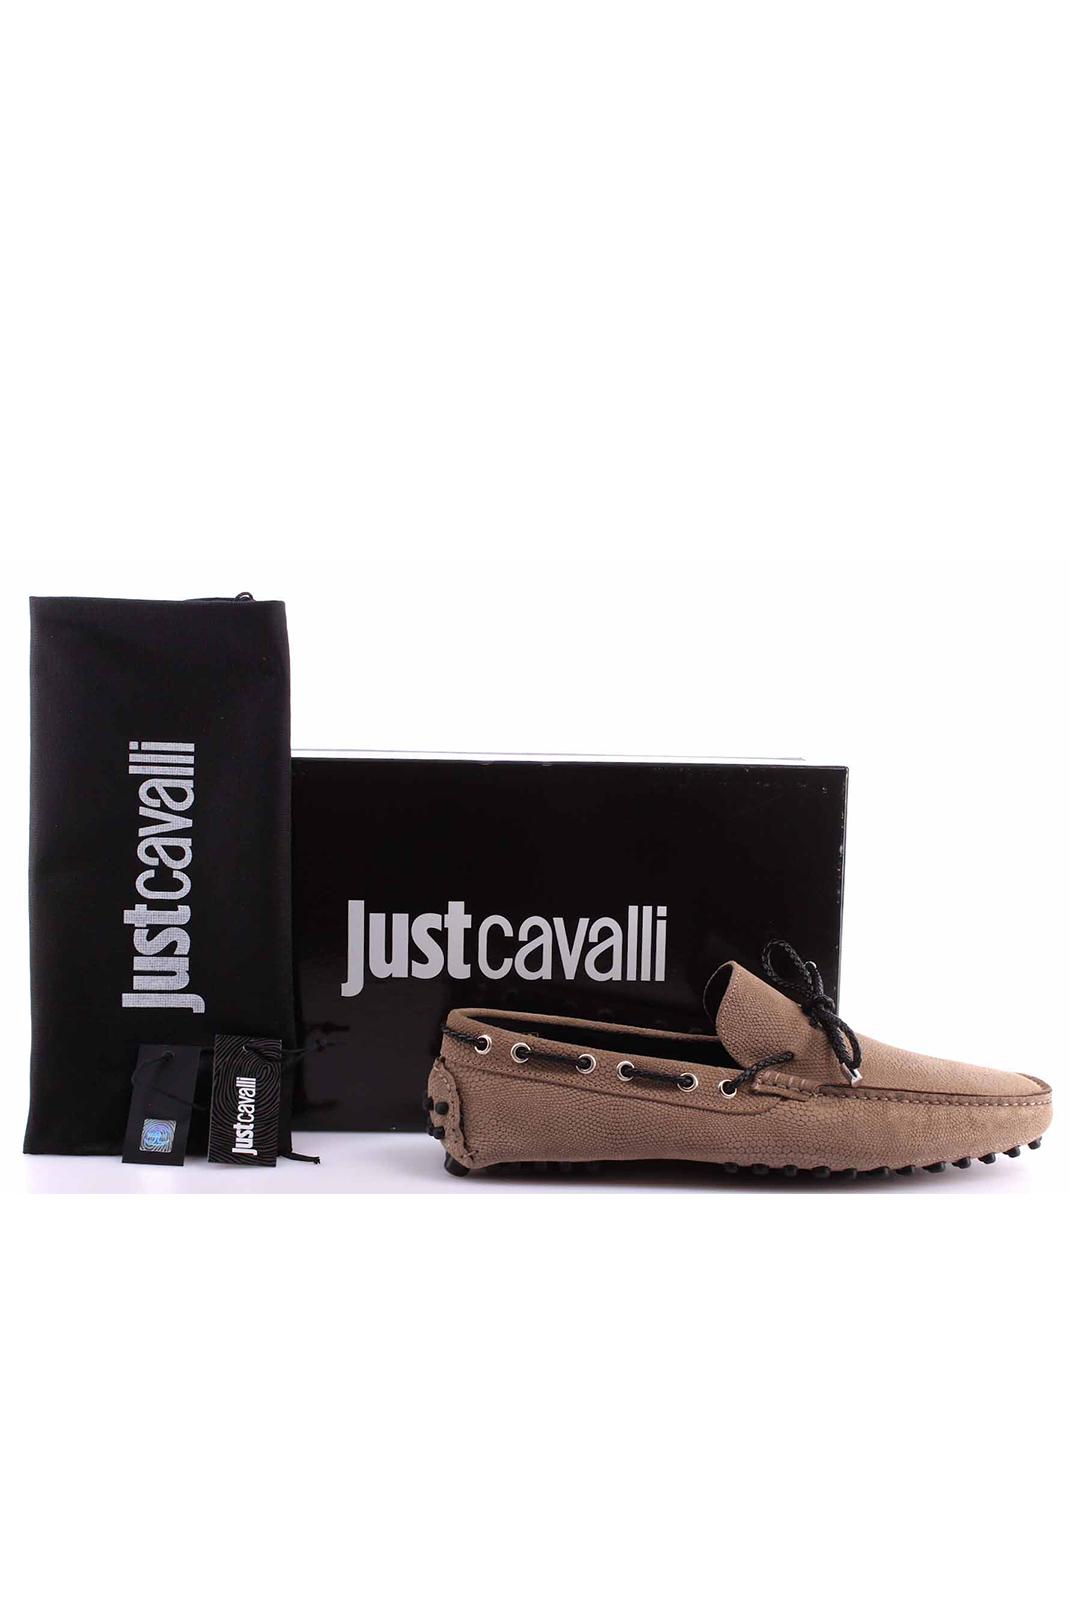 Chaussures de ville  Just Cavalli S12WR0035 (08581) 804 BEIGE